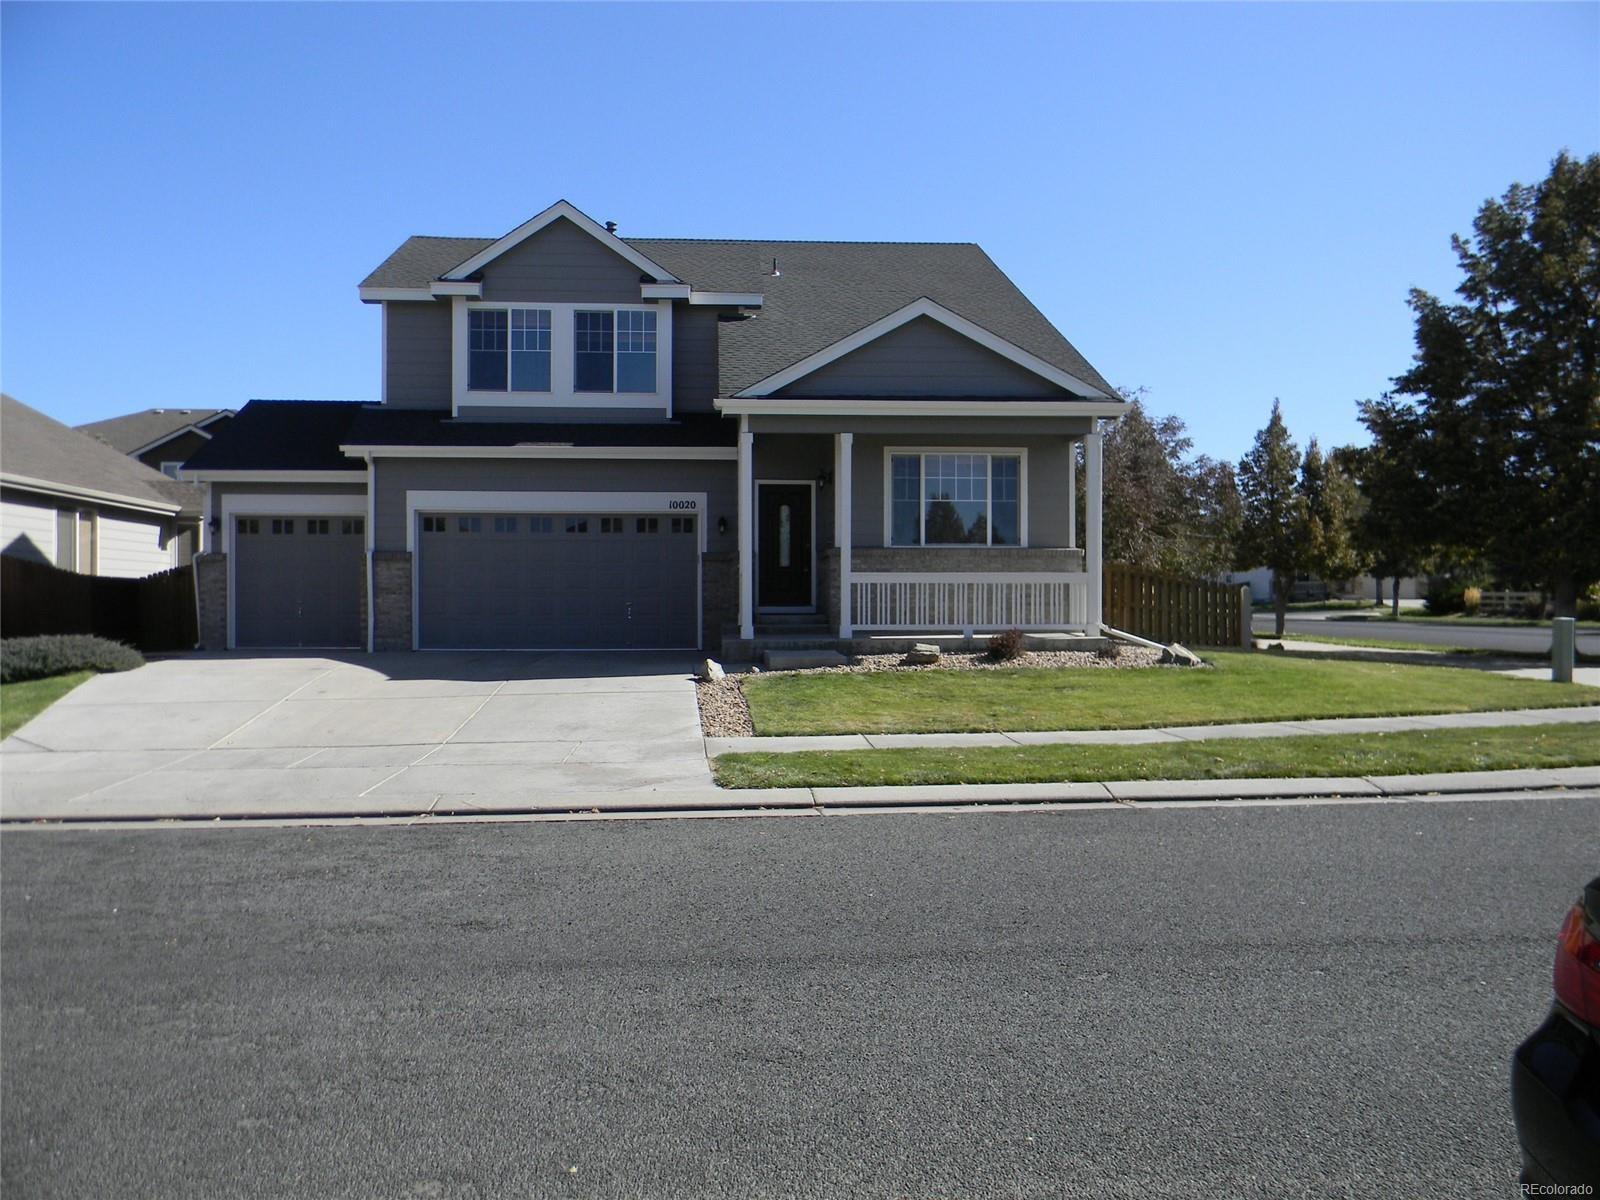 MLS# 1519576 - 1 - 10020 Jasper Street, Commerce City, CO 80022